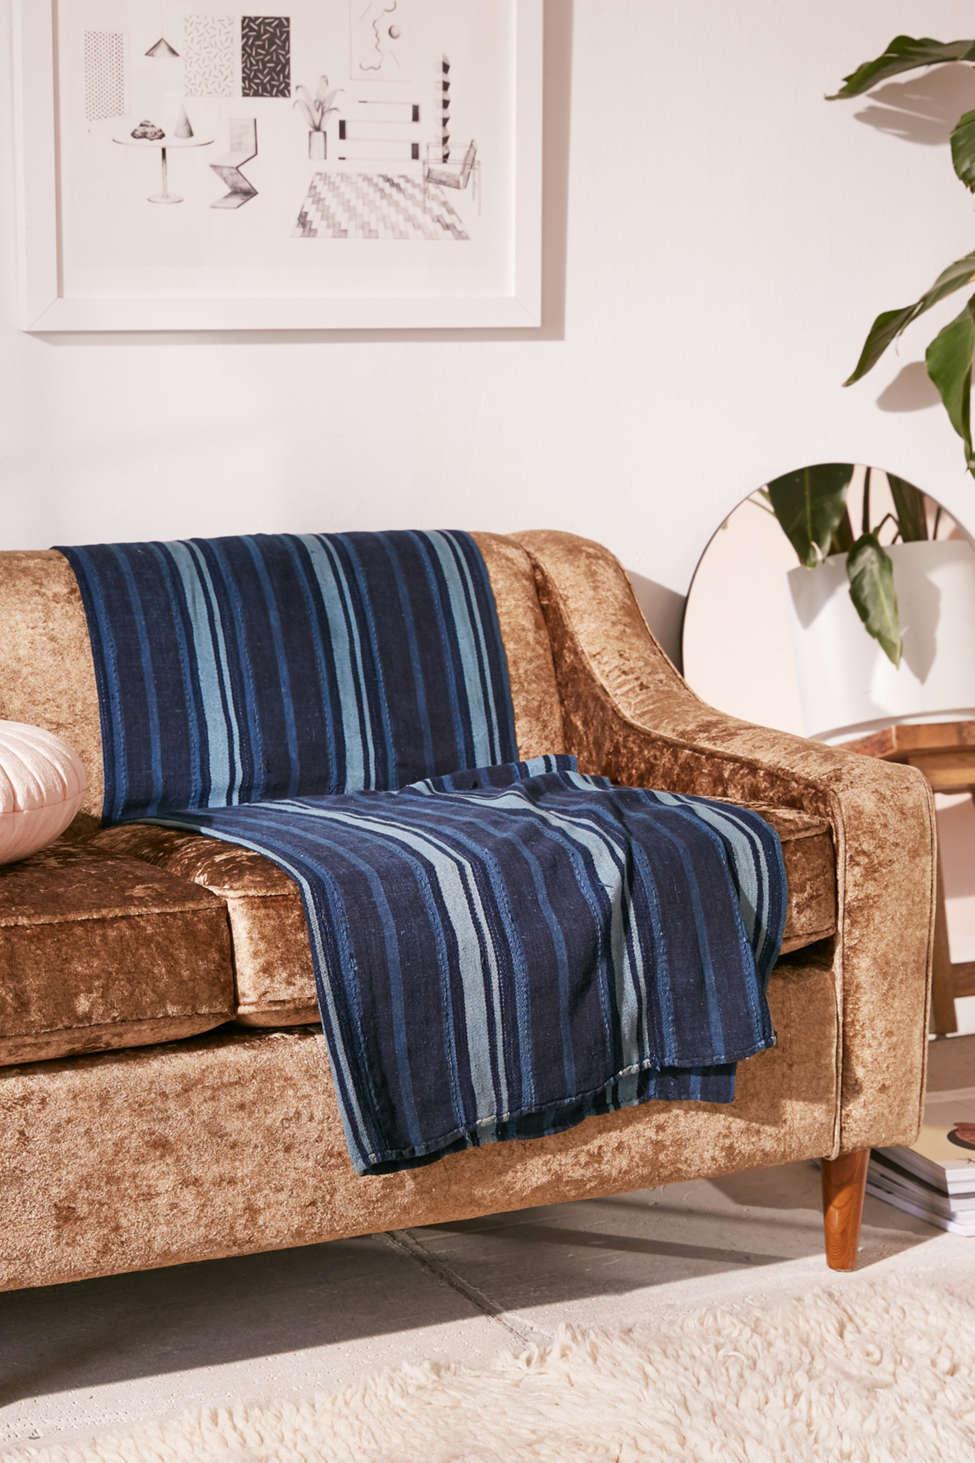 Slide View: 4: One-Of-A-Kind Vintage Indigo Textile